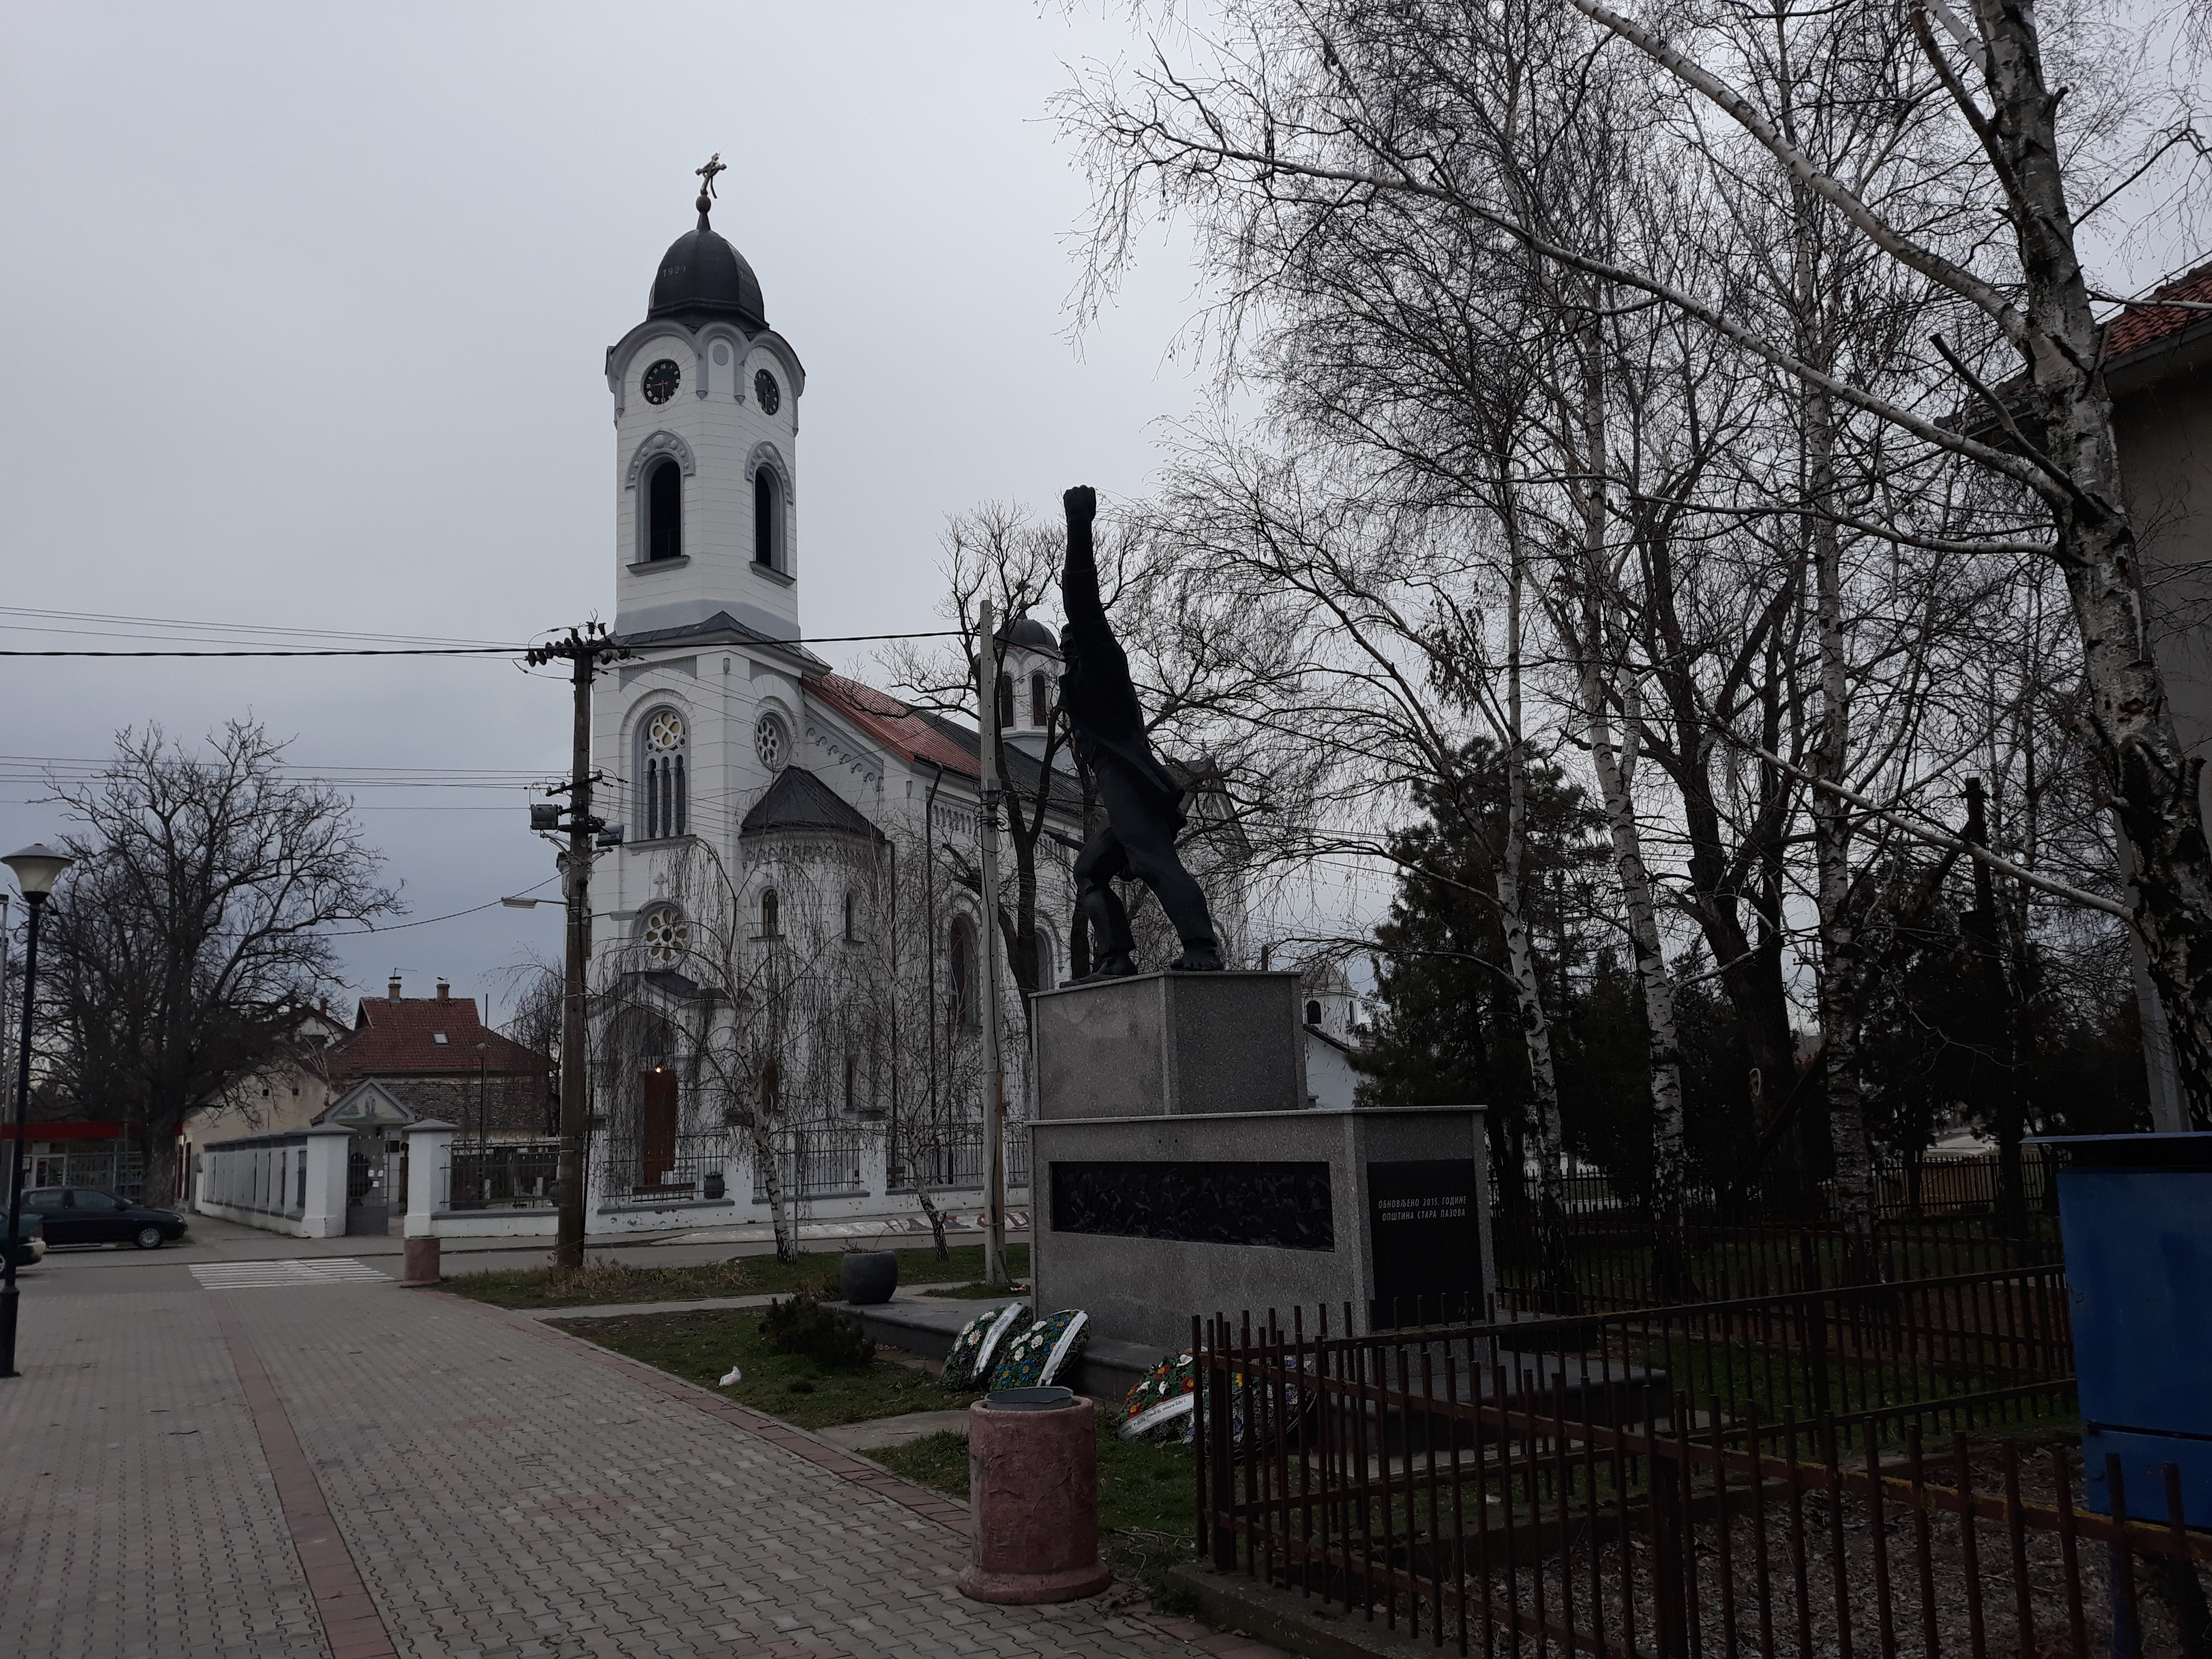 BELEGIŠ: Selo čuveno po najvećoj crkvi u Sremu